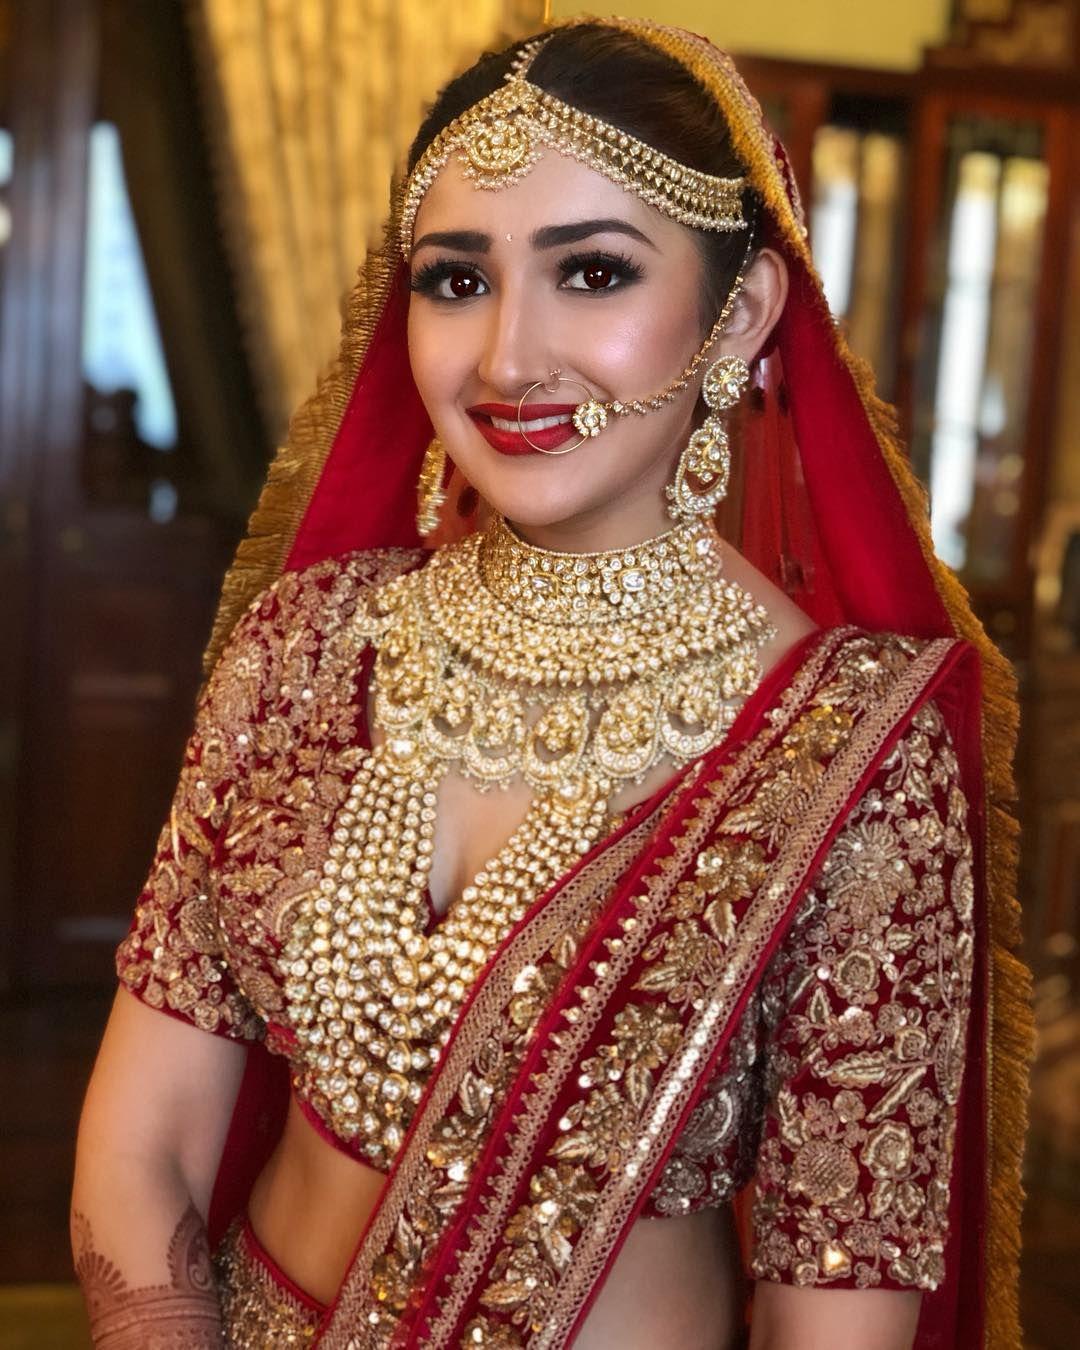 the fairytale wedding of arya and sayyeshaa! in 2020